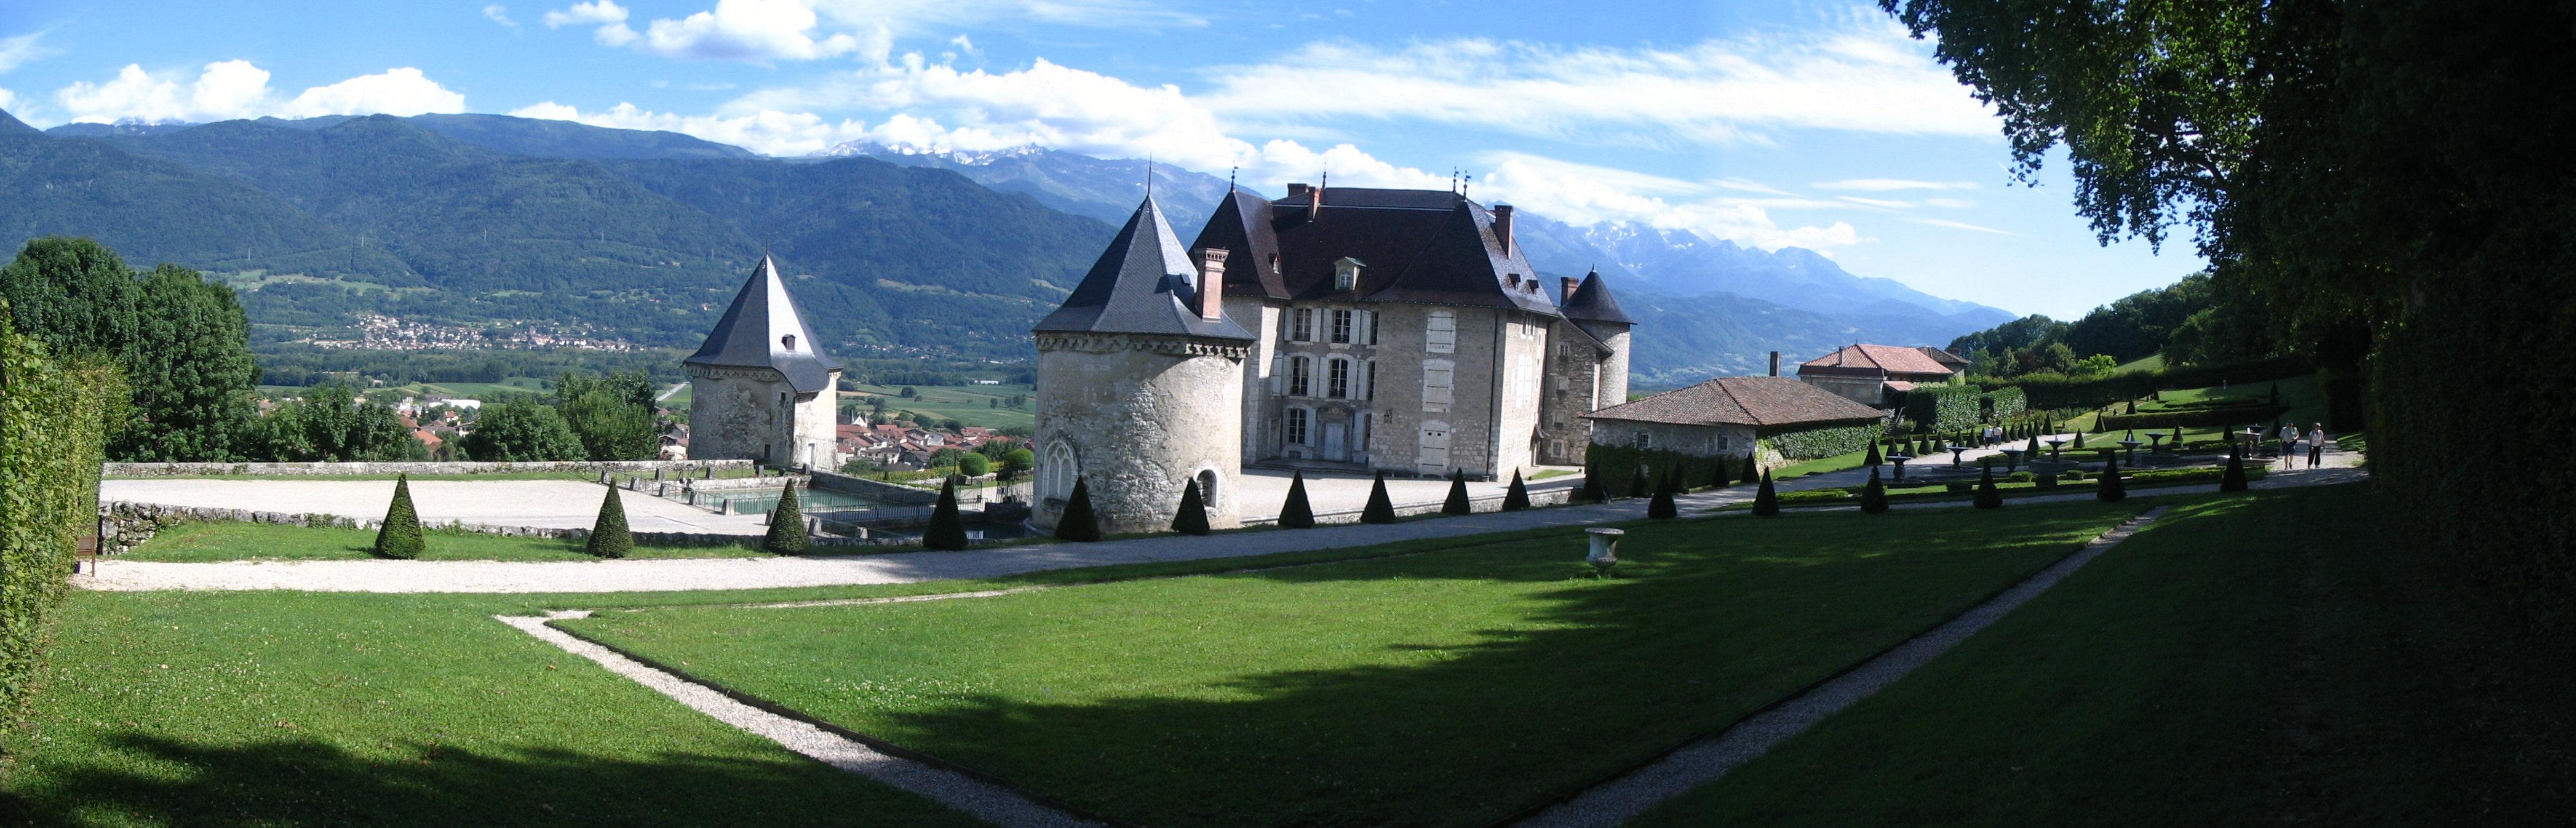 375-chateau_du_touvet_38.jpg